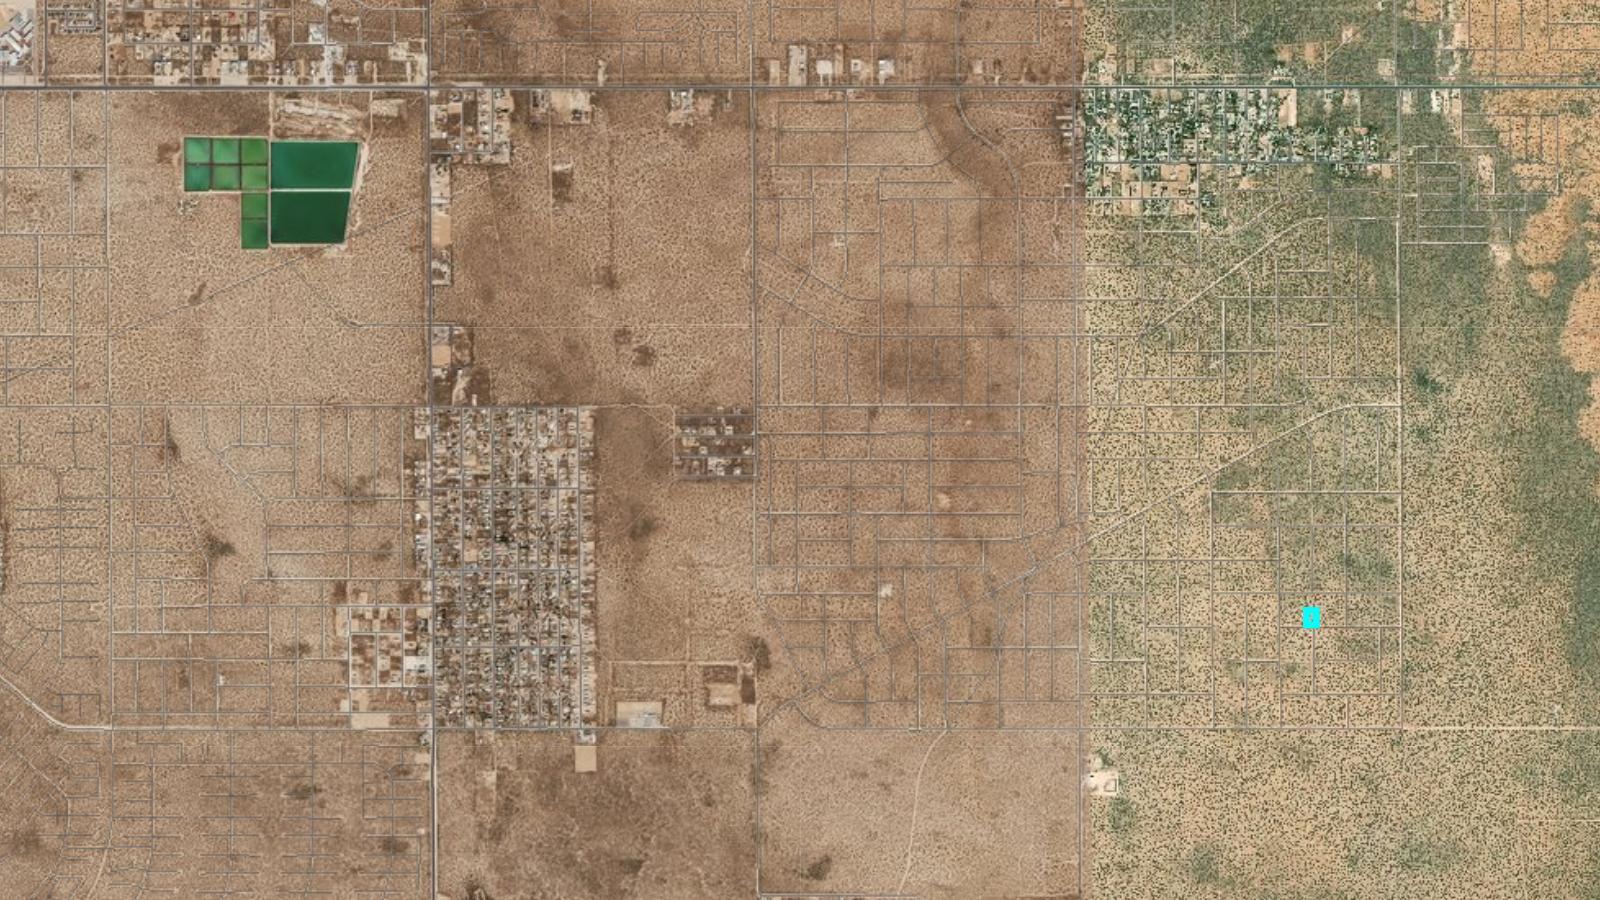 0 Hall, Horizon City, Texas 79928, ,Land,For sale,Hall,810651